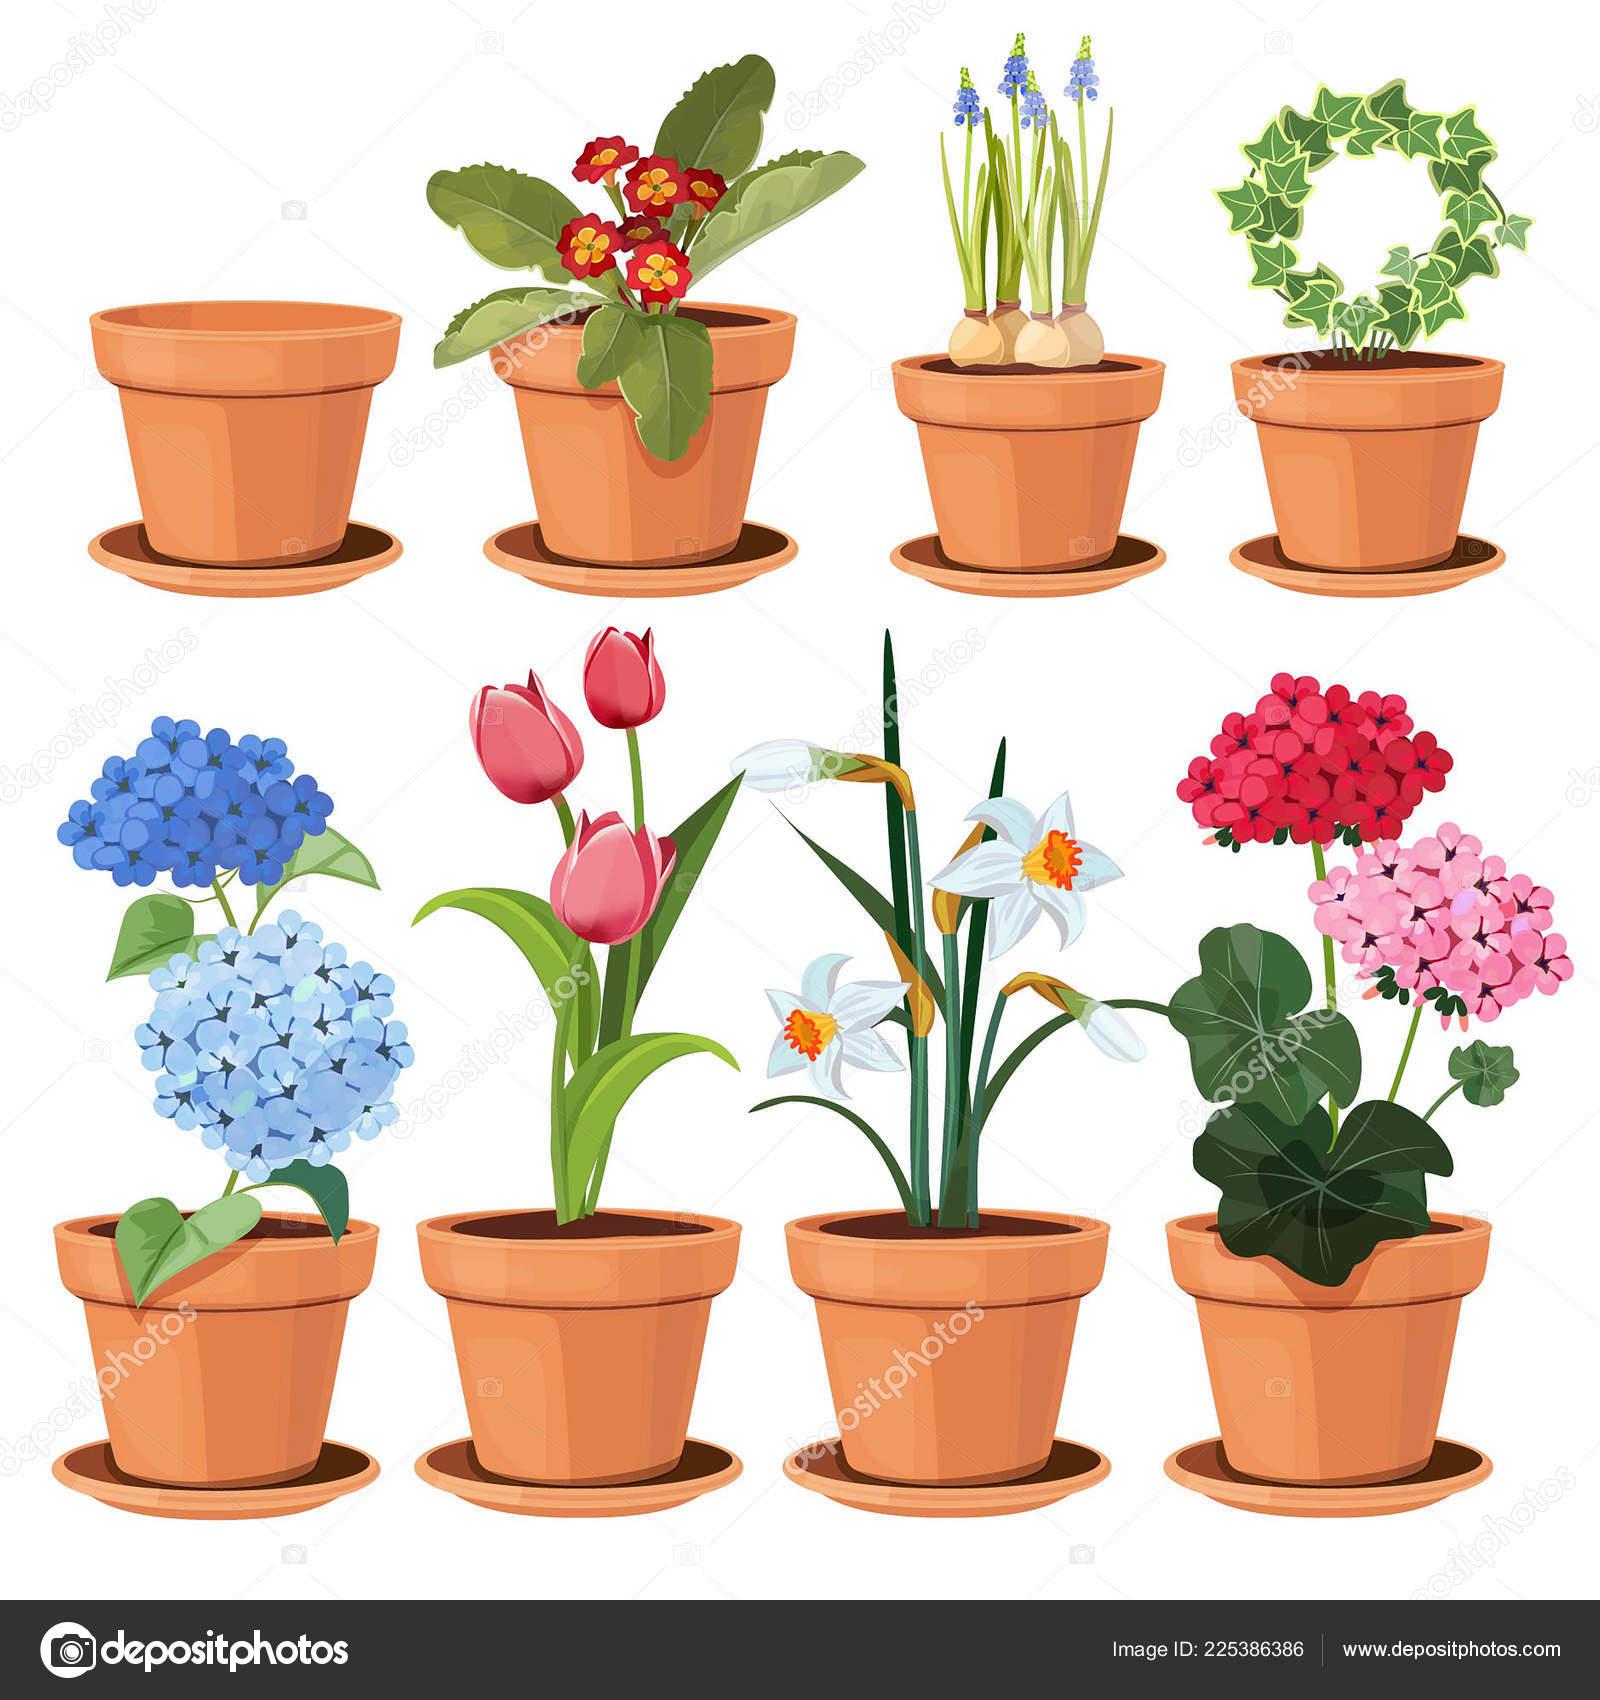 Maceta de flores plantas decorativas de colores crecen en for Plantas decorativas hidroponicas